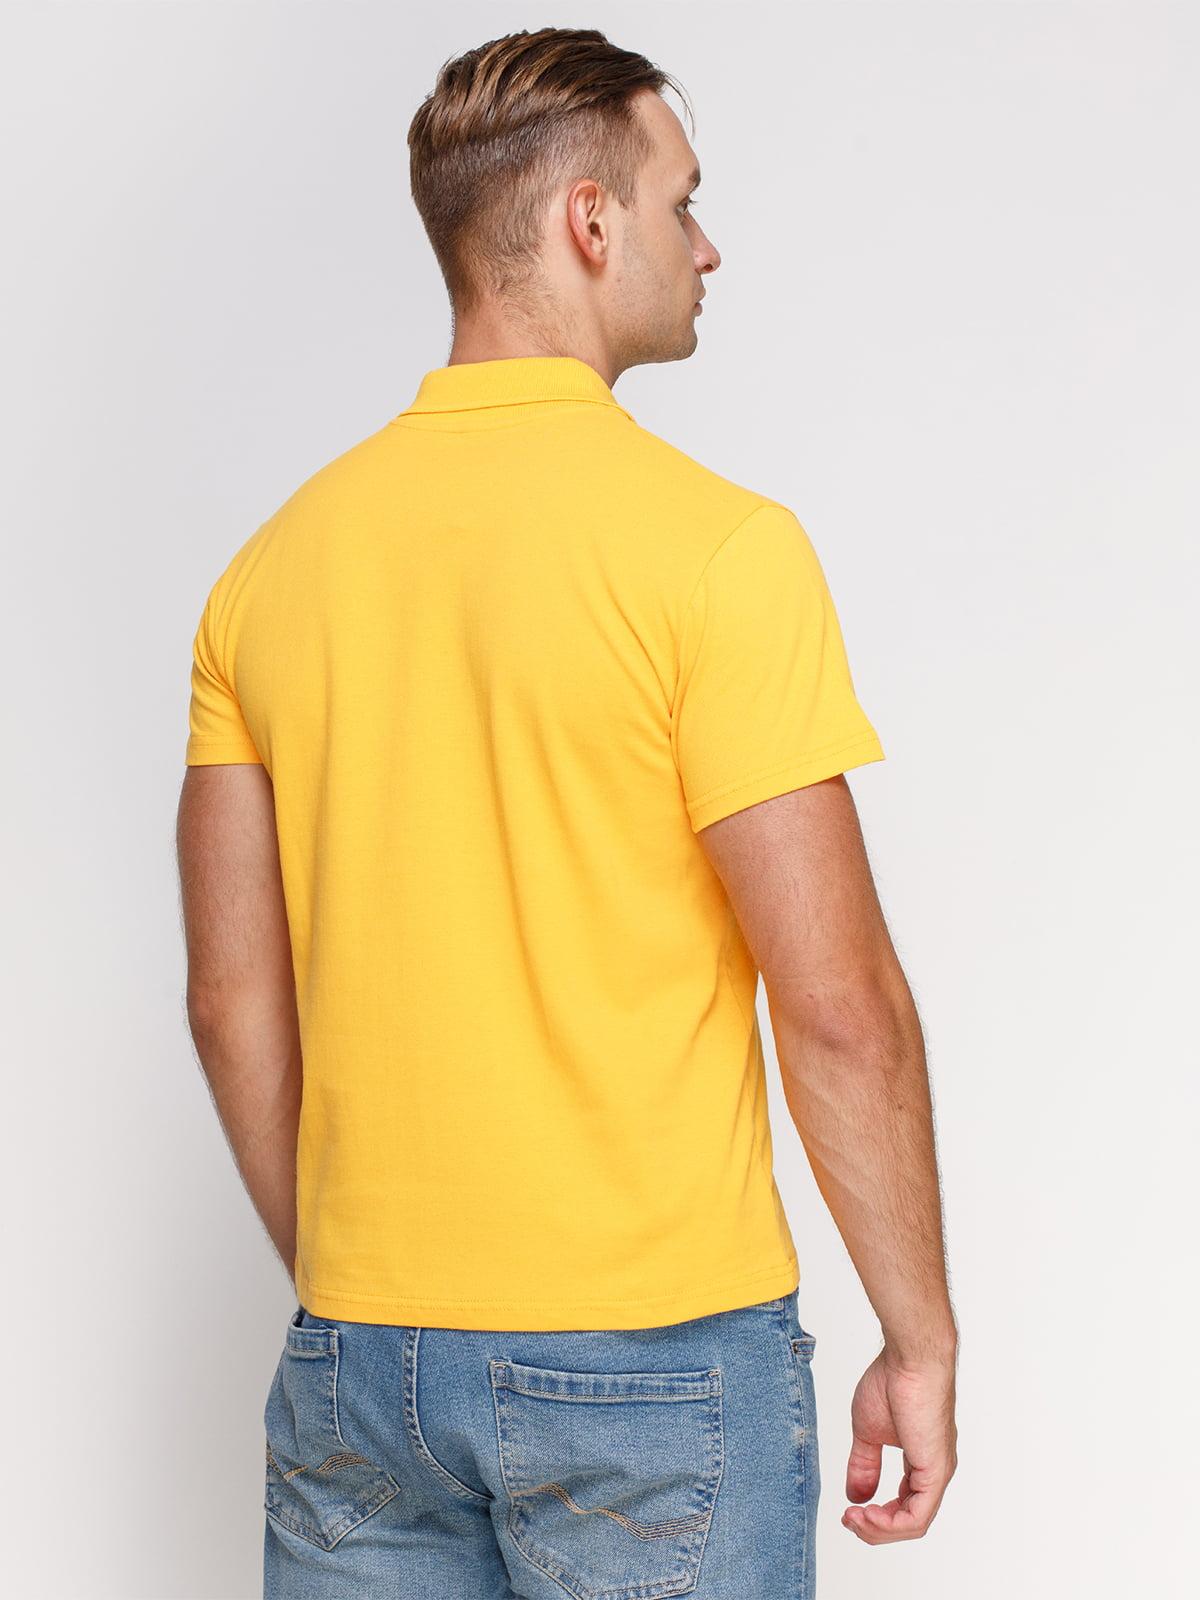 Футболка-поло желтая с принтом | 4578502 | фото 2